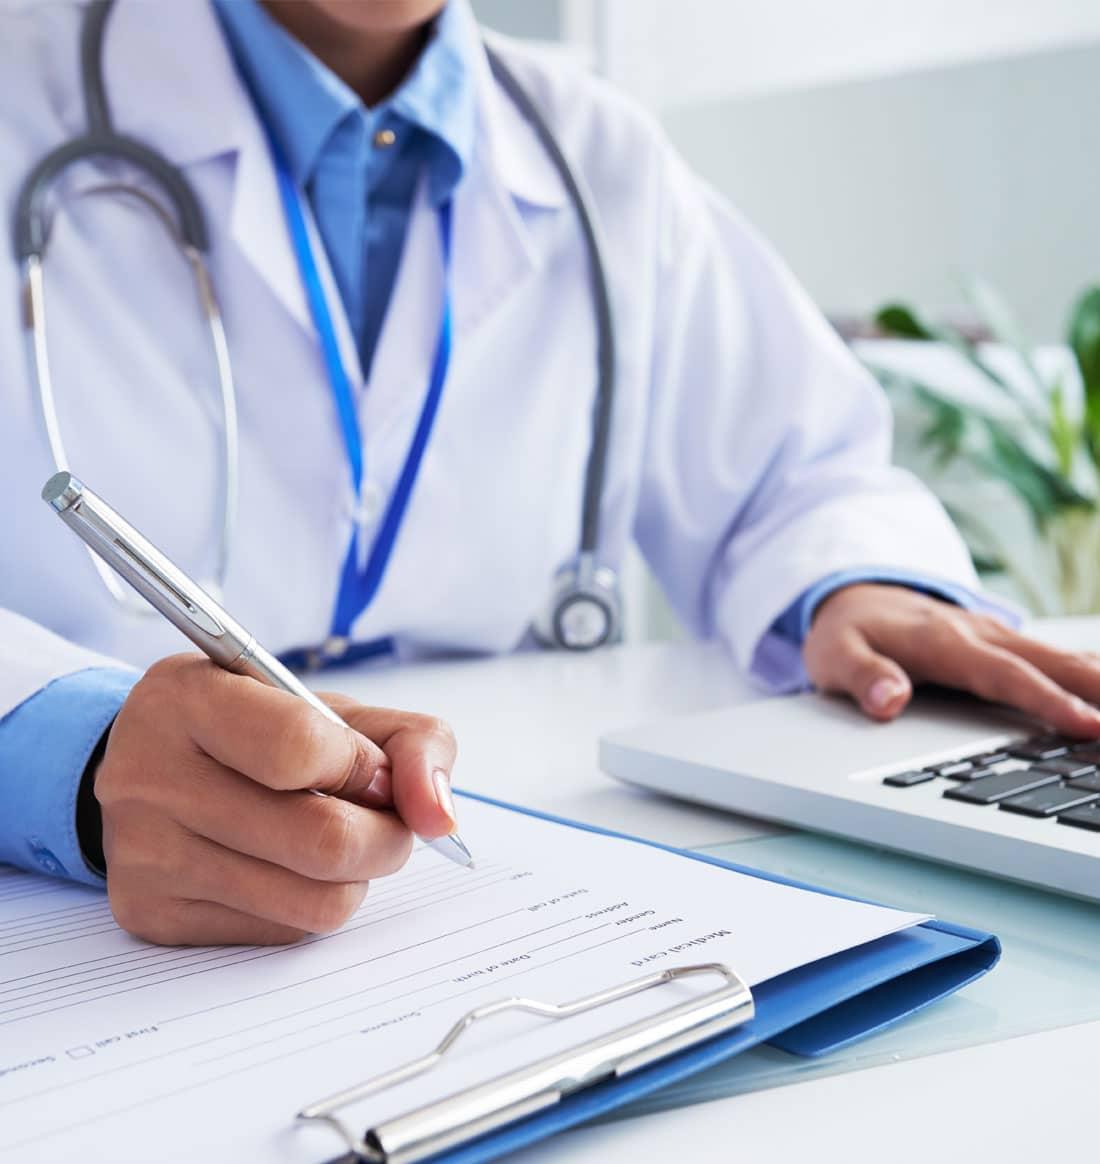 laboratorio analisis clinicos sevilla